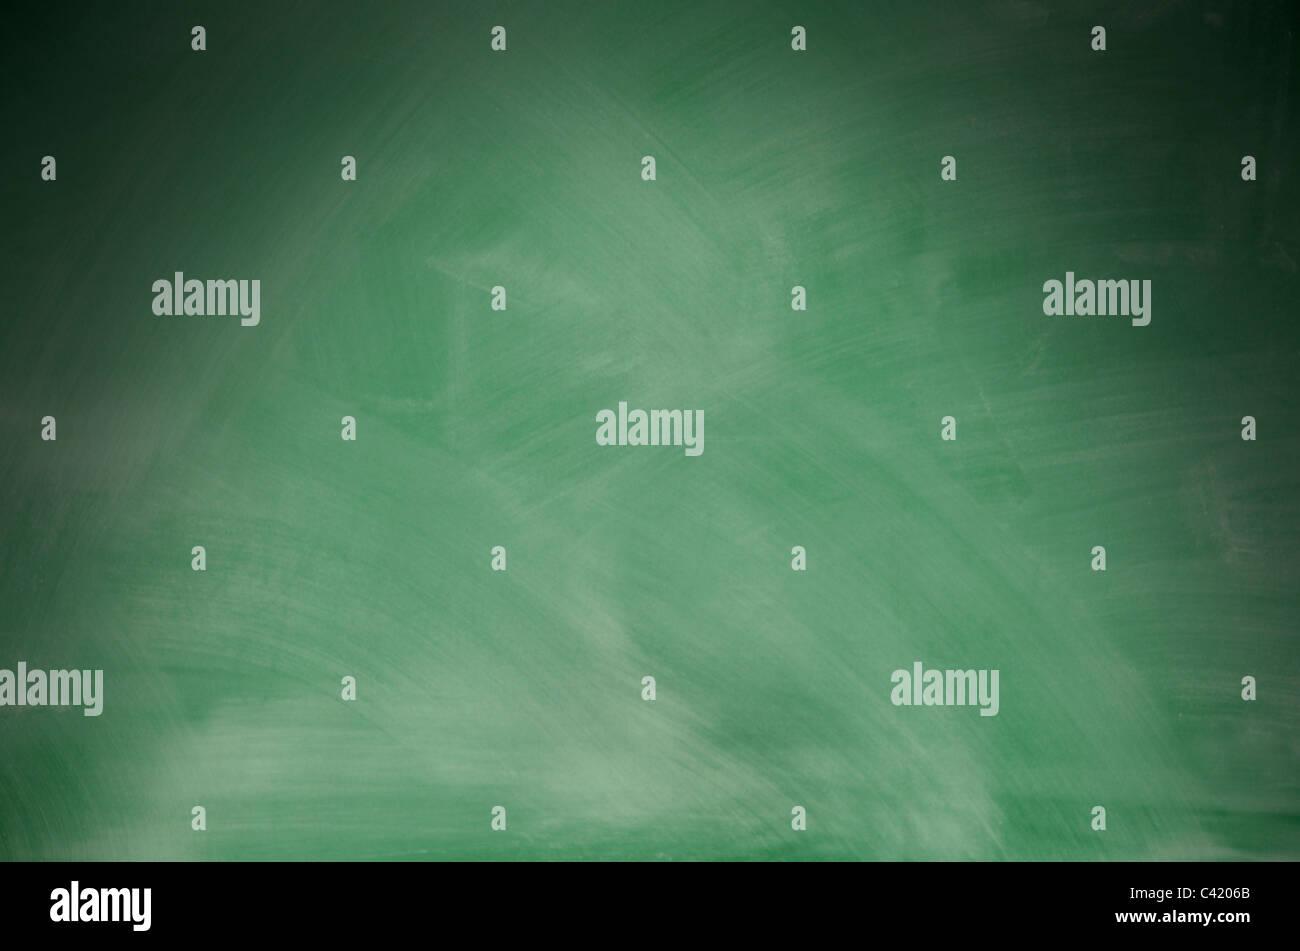 Grünen Tafel mit Radiergummi Marken drastisch von oben beleuchtet Stockbild